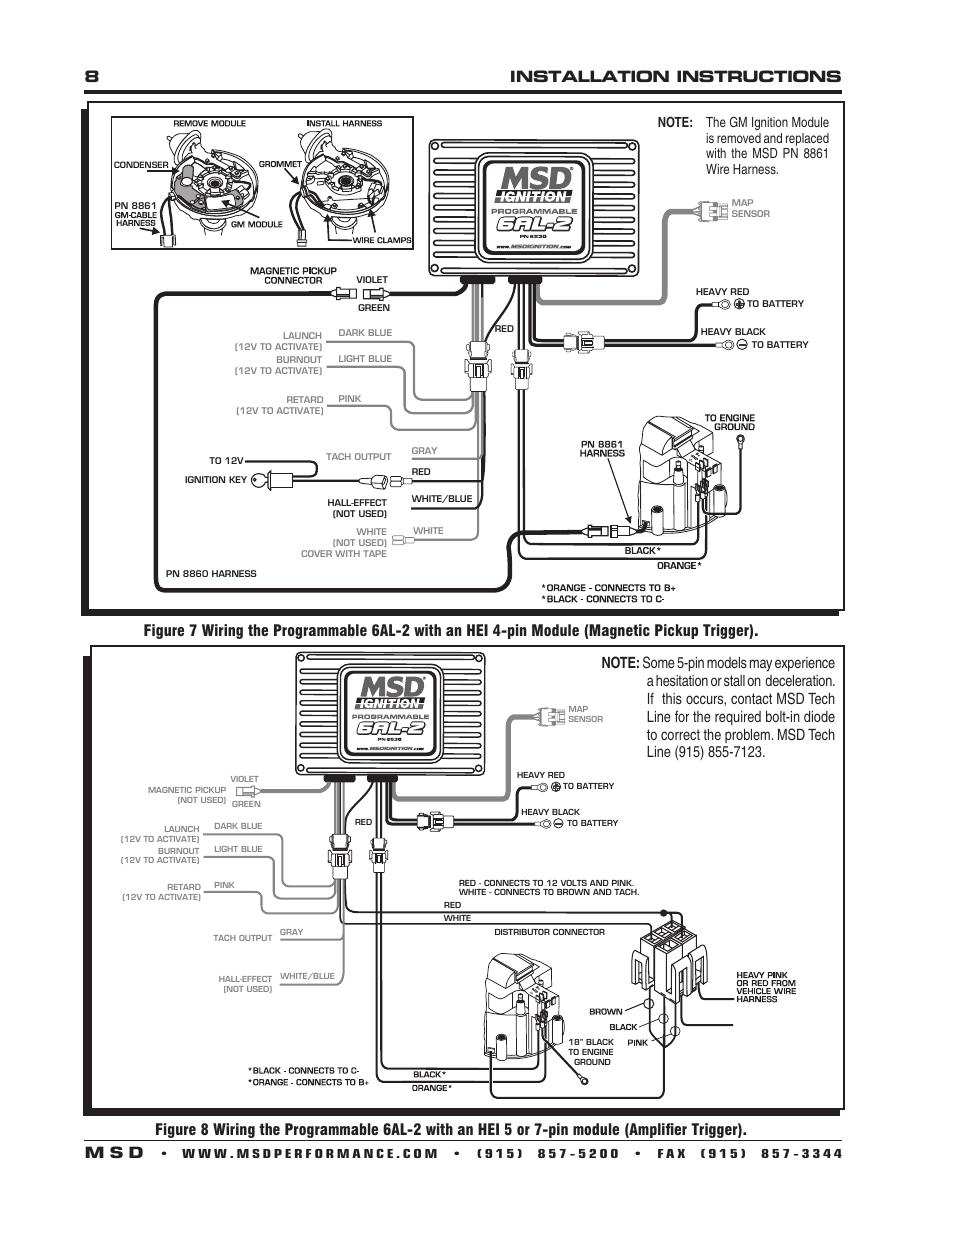 6aln Wiring Diagram - Free Download Wiring Diagram